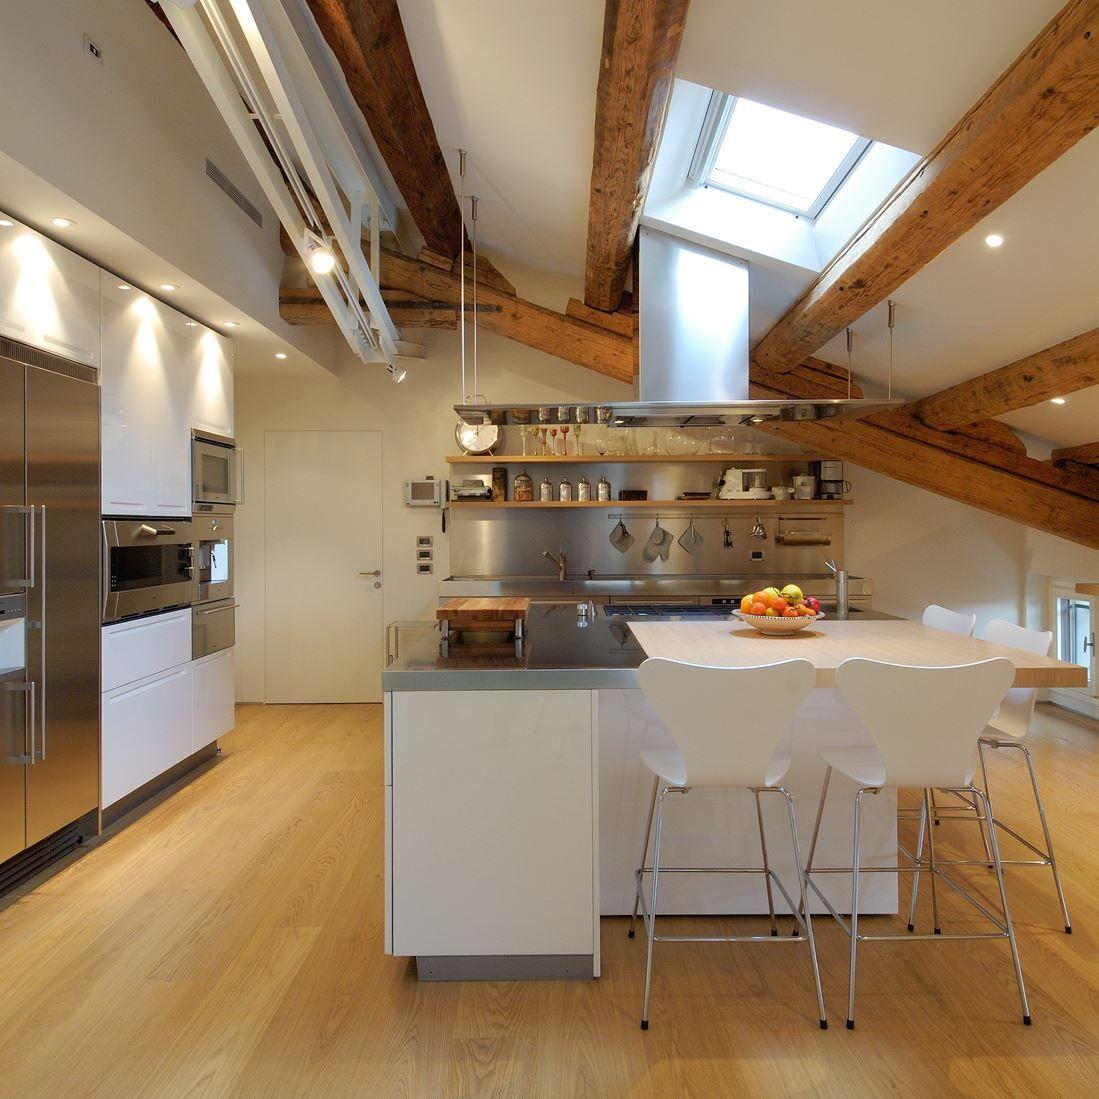 Illuminazione Sottotetto In Legno illuminazione per soffitti in legno con soffitto legno